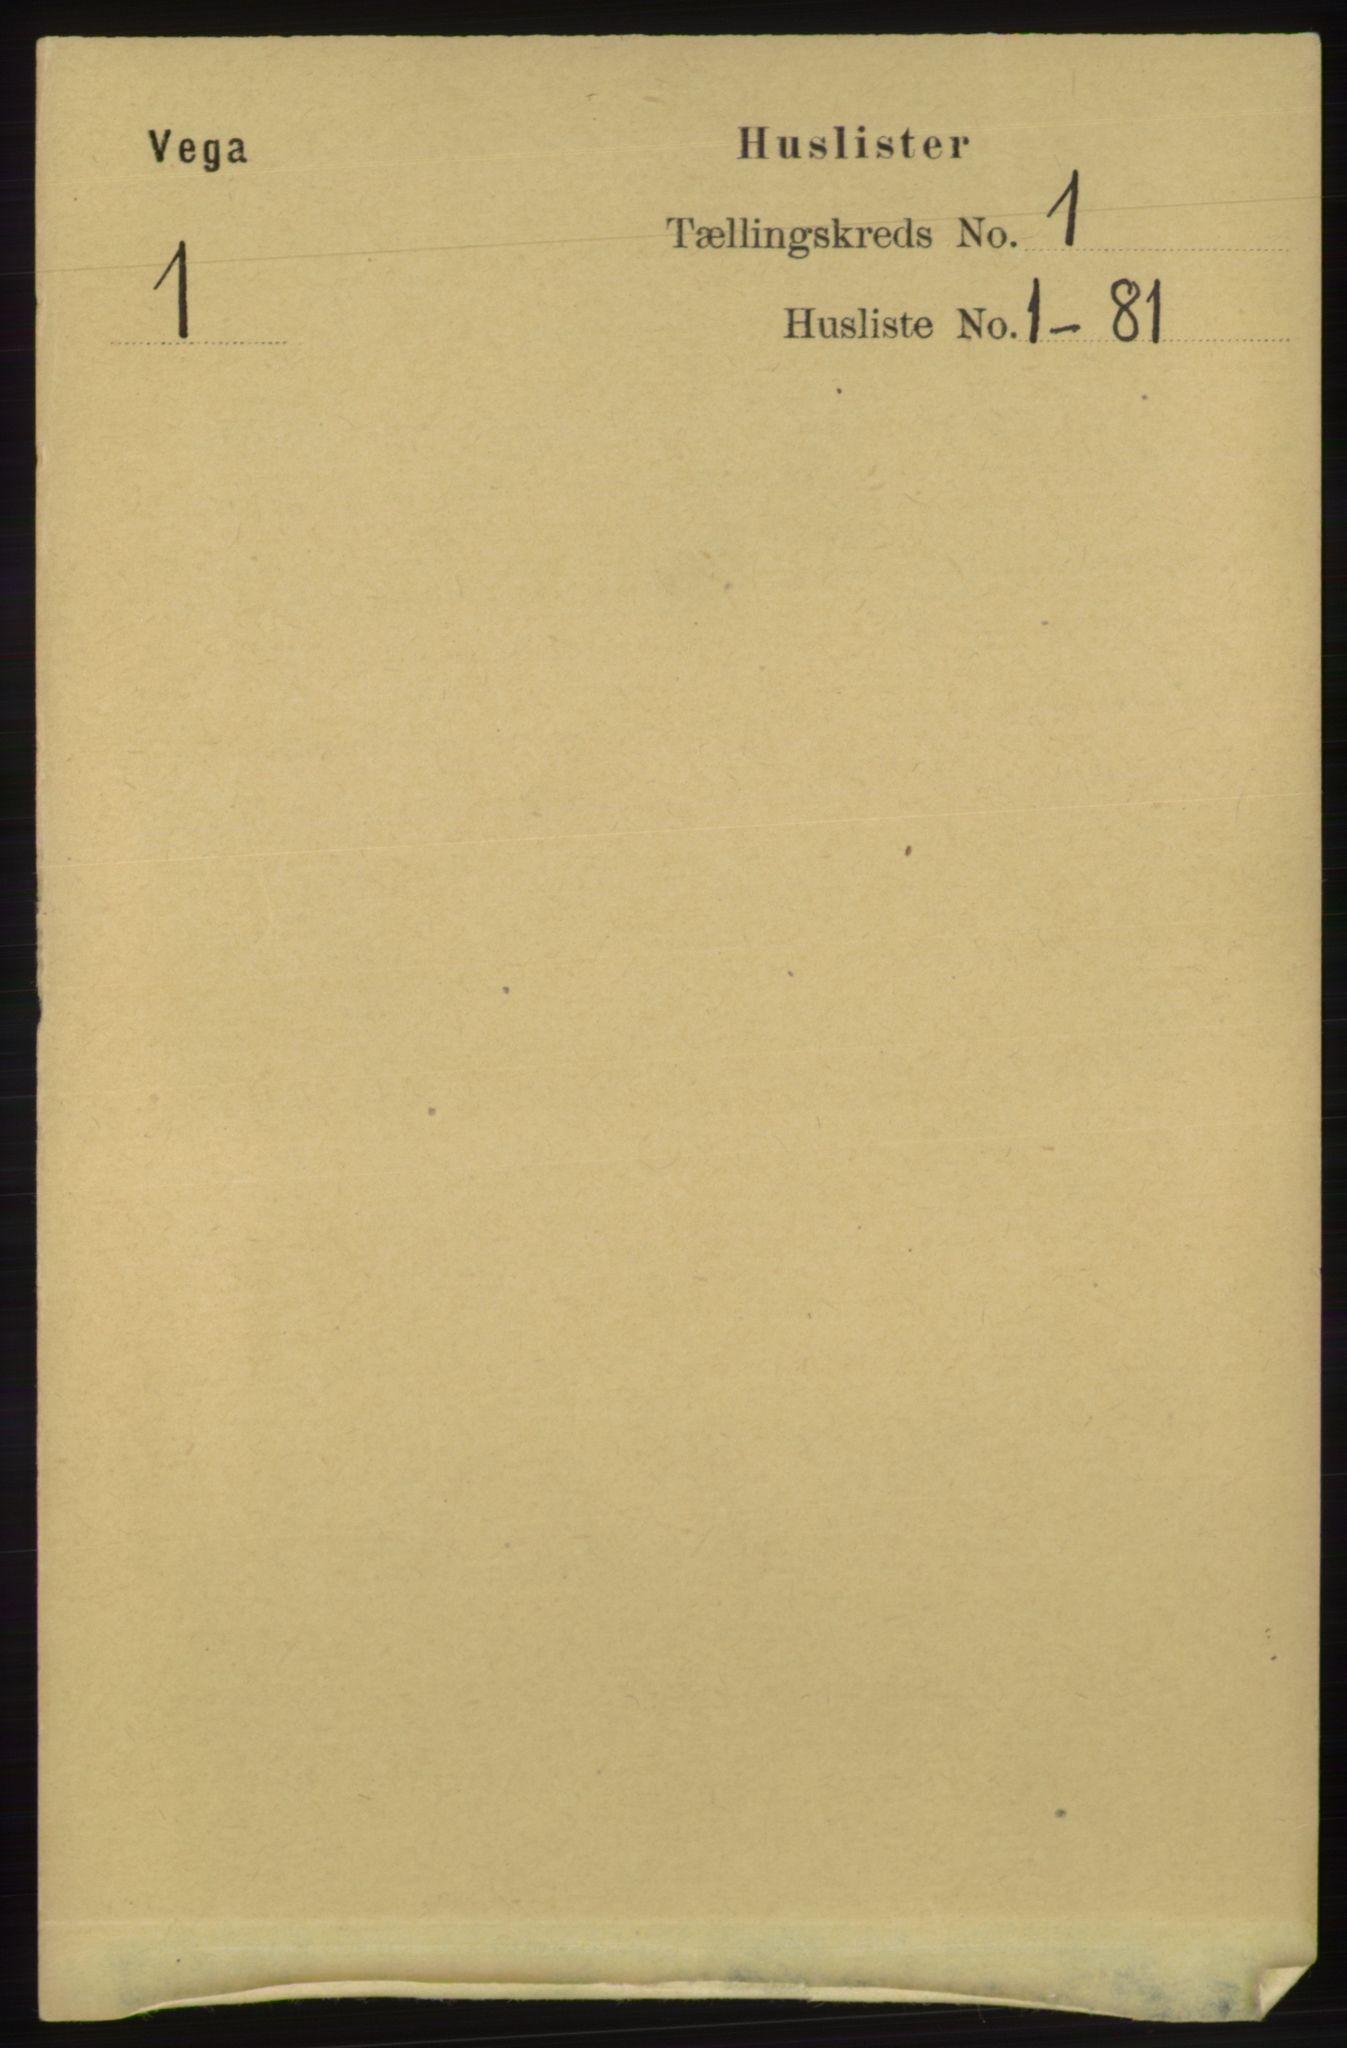 RA, Folketelling 1891 for 1815 Vega herred, 1891, s. 18